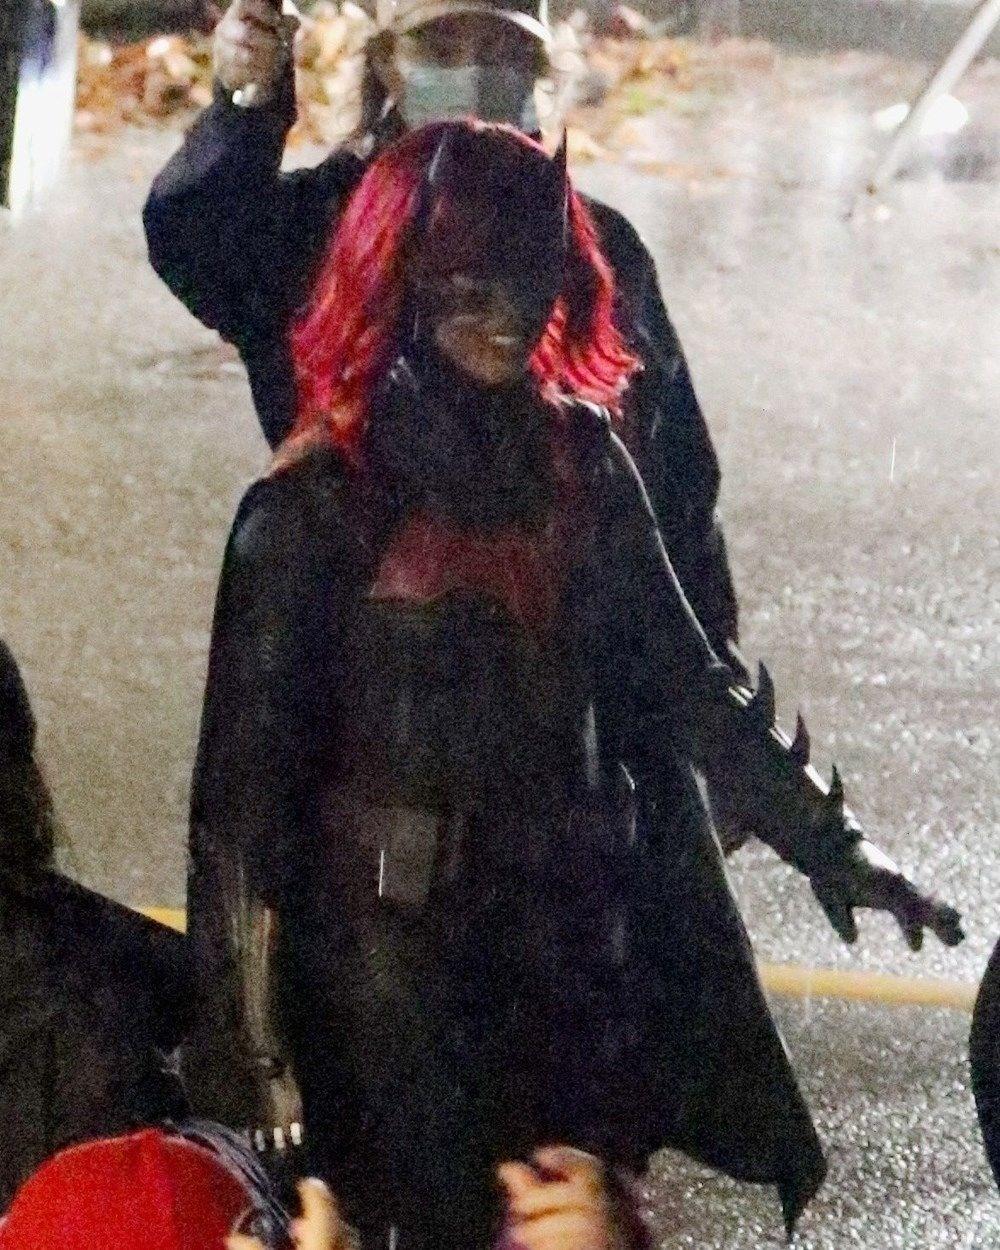 İlk siyah Batwoman'dan ilk resmi kostümlü görseller - 4